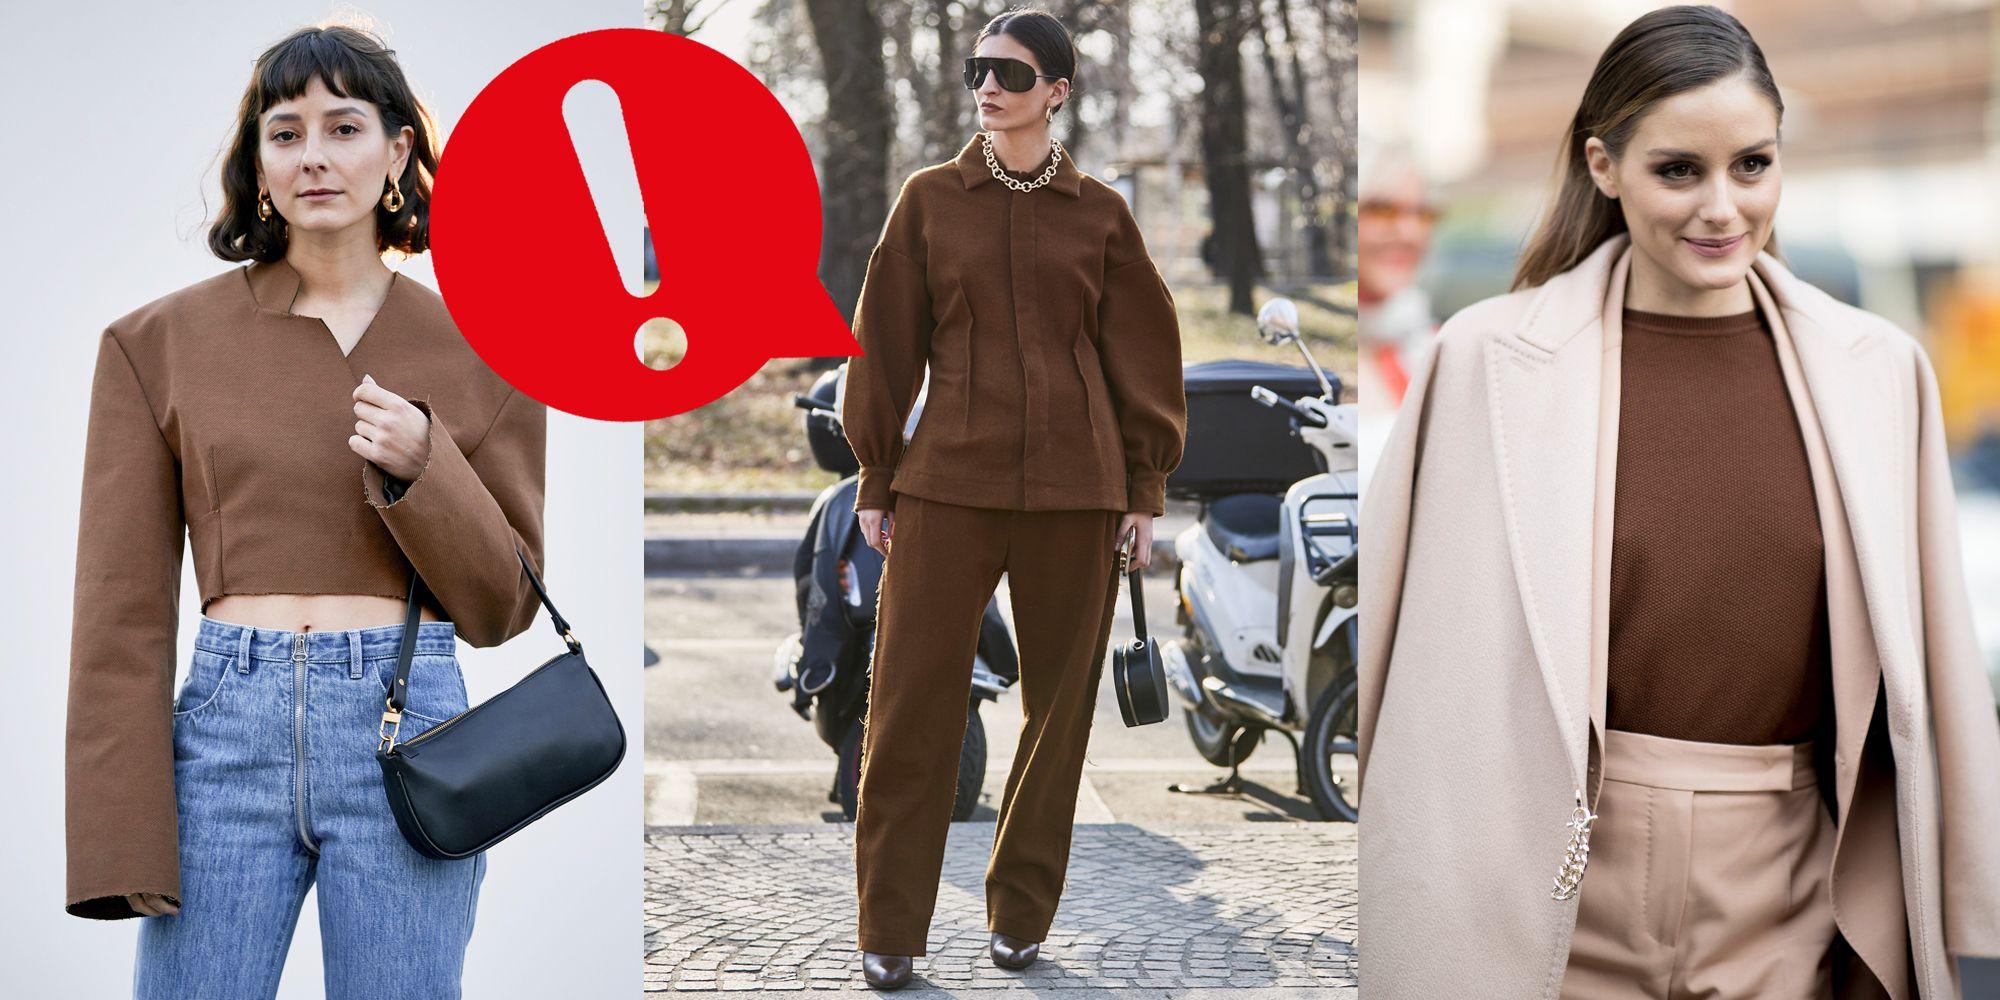 Marrone 2019Colore Senza Primavera Moda Estate Fashion CxeBoQWErd